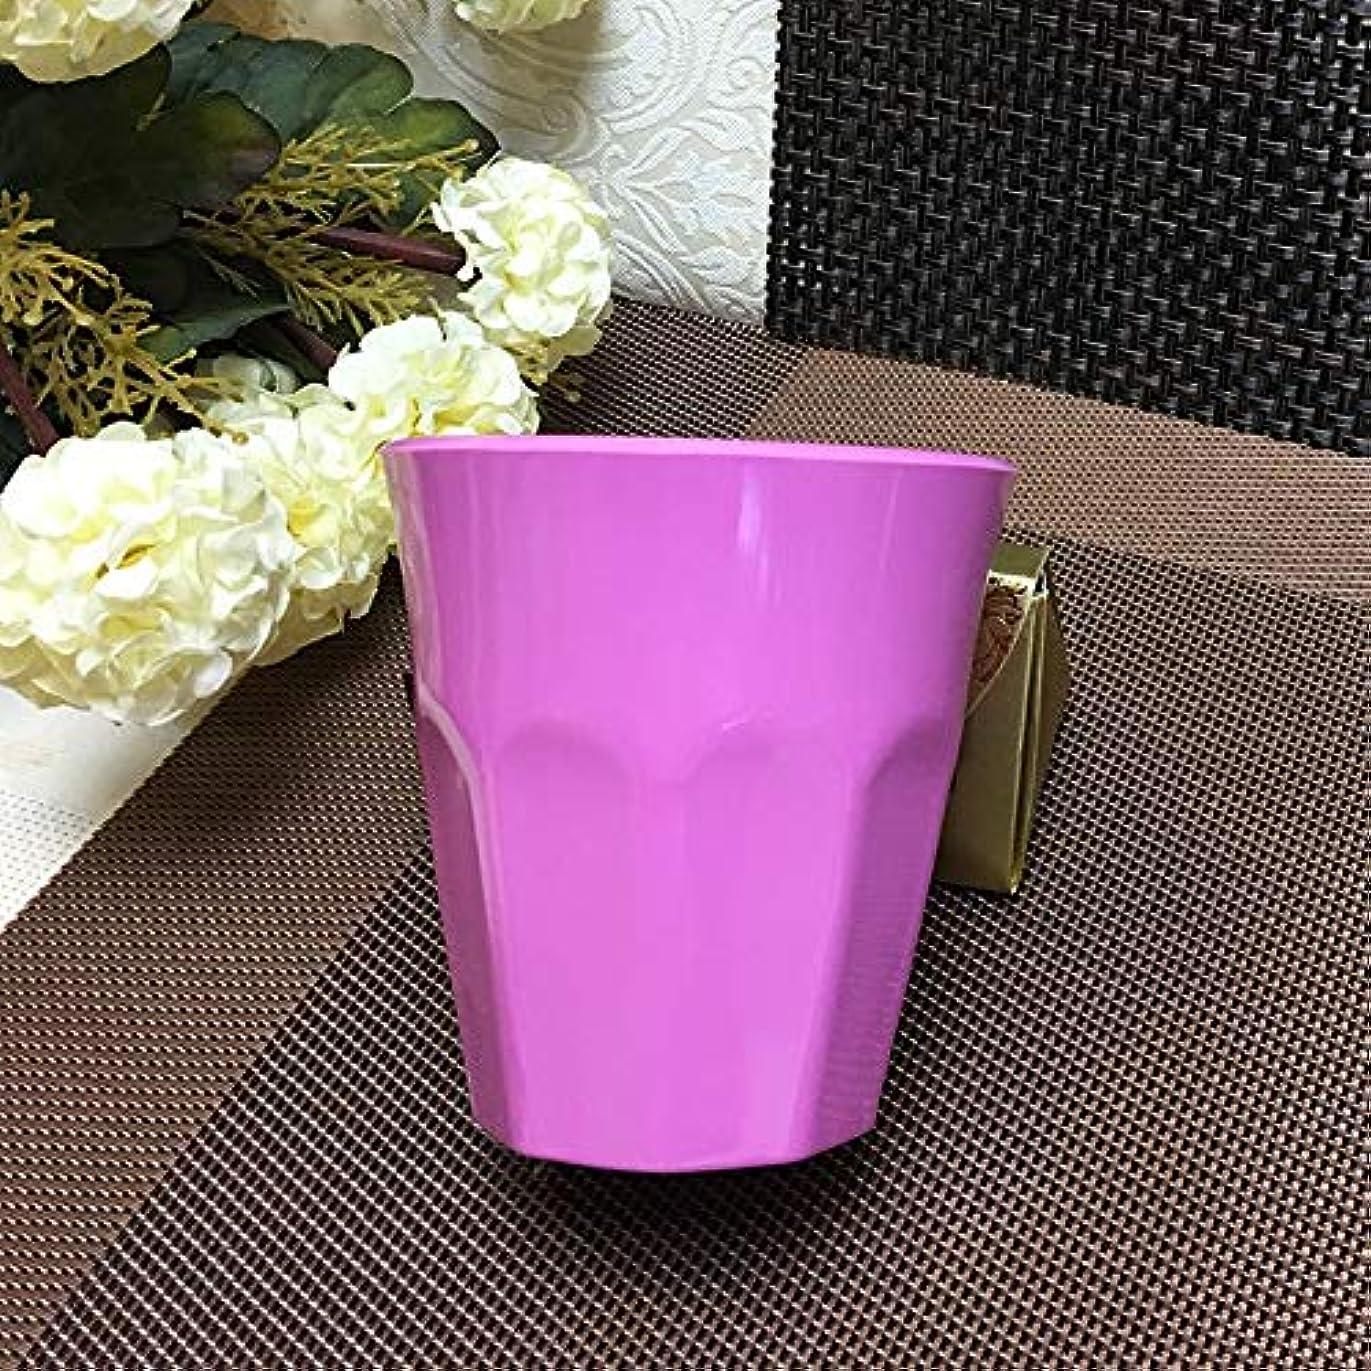 冷ややかな食事を調理する音楽Maxcrestas - パーティーキッズカップティーカップワインジュースフルーツドリンクカップMaxcrestas - 1個リユースプラスチック製コップA5メラミンカップタンブラー